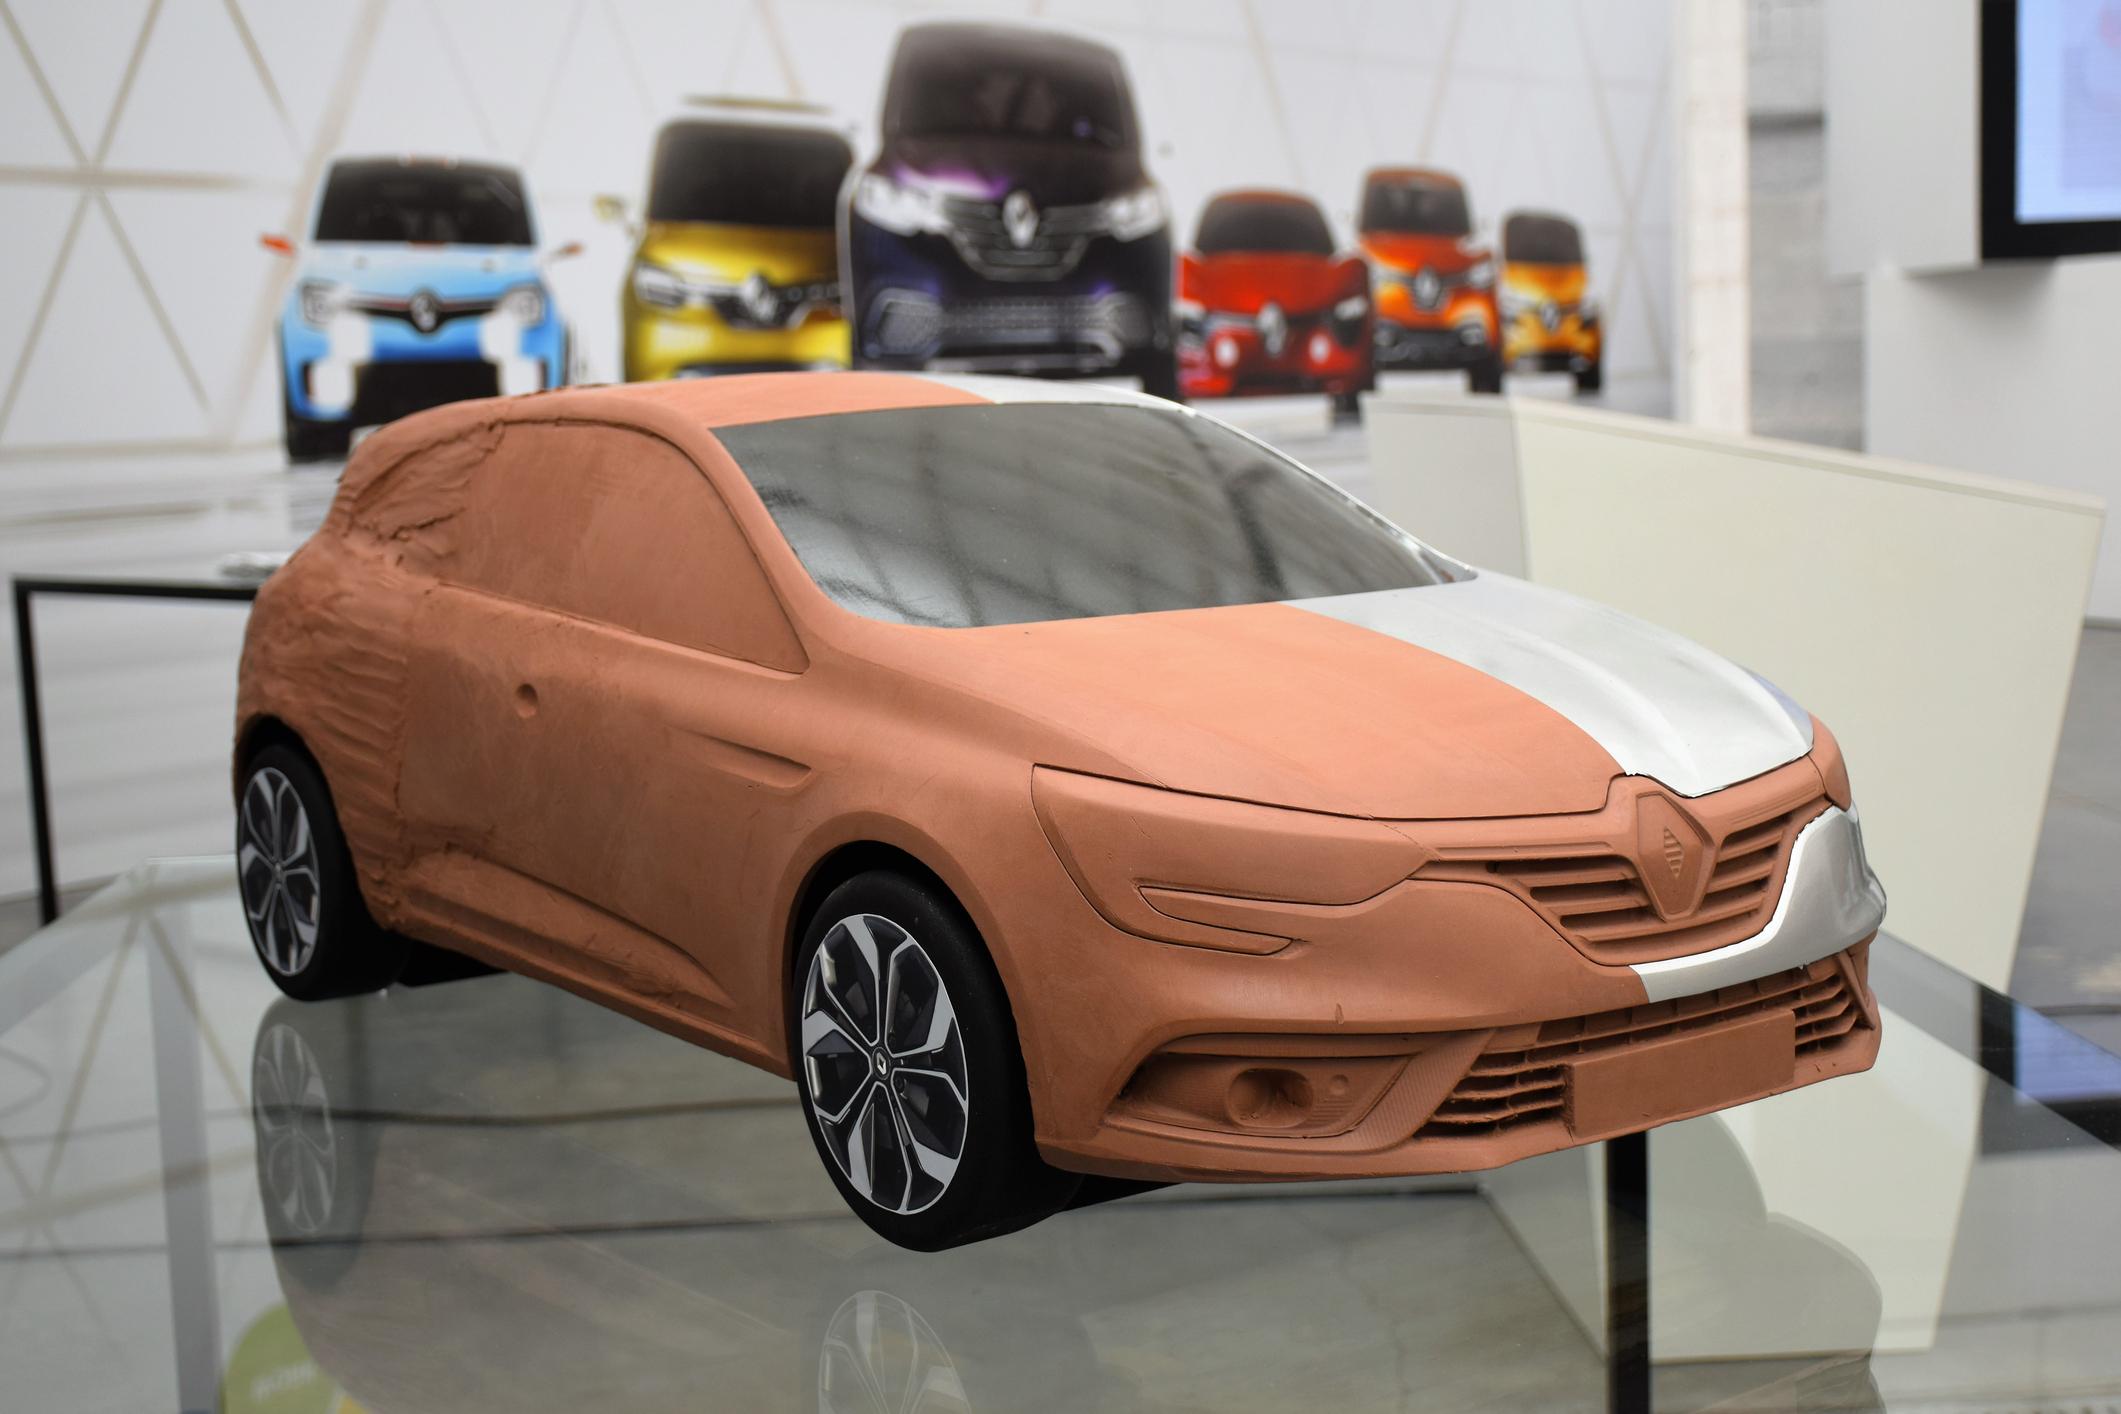 Hliněný model Renault